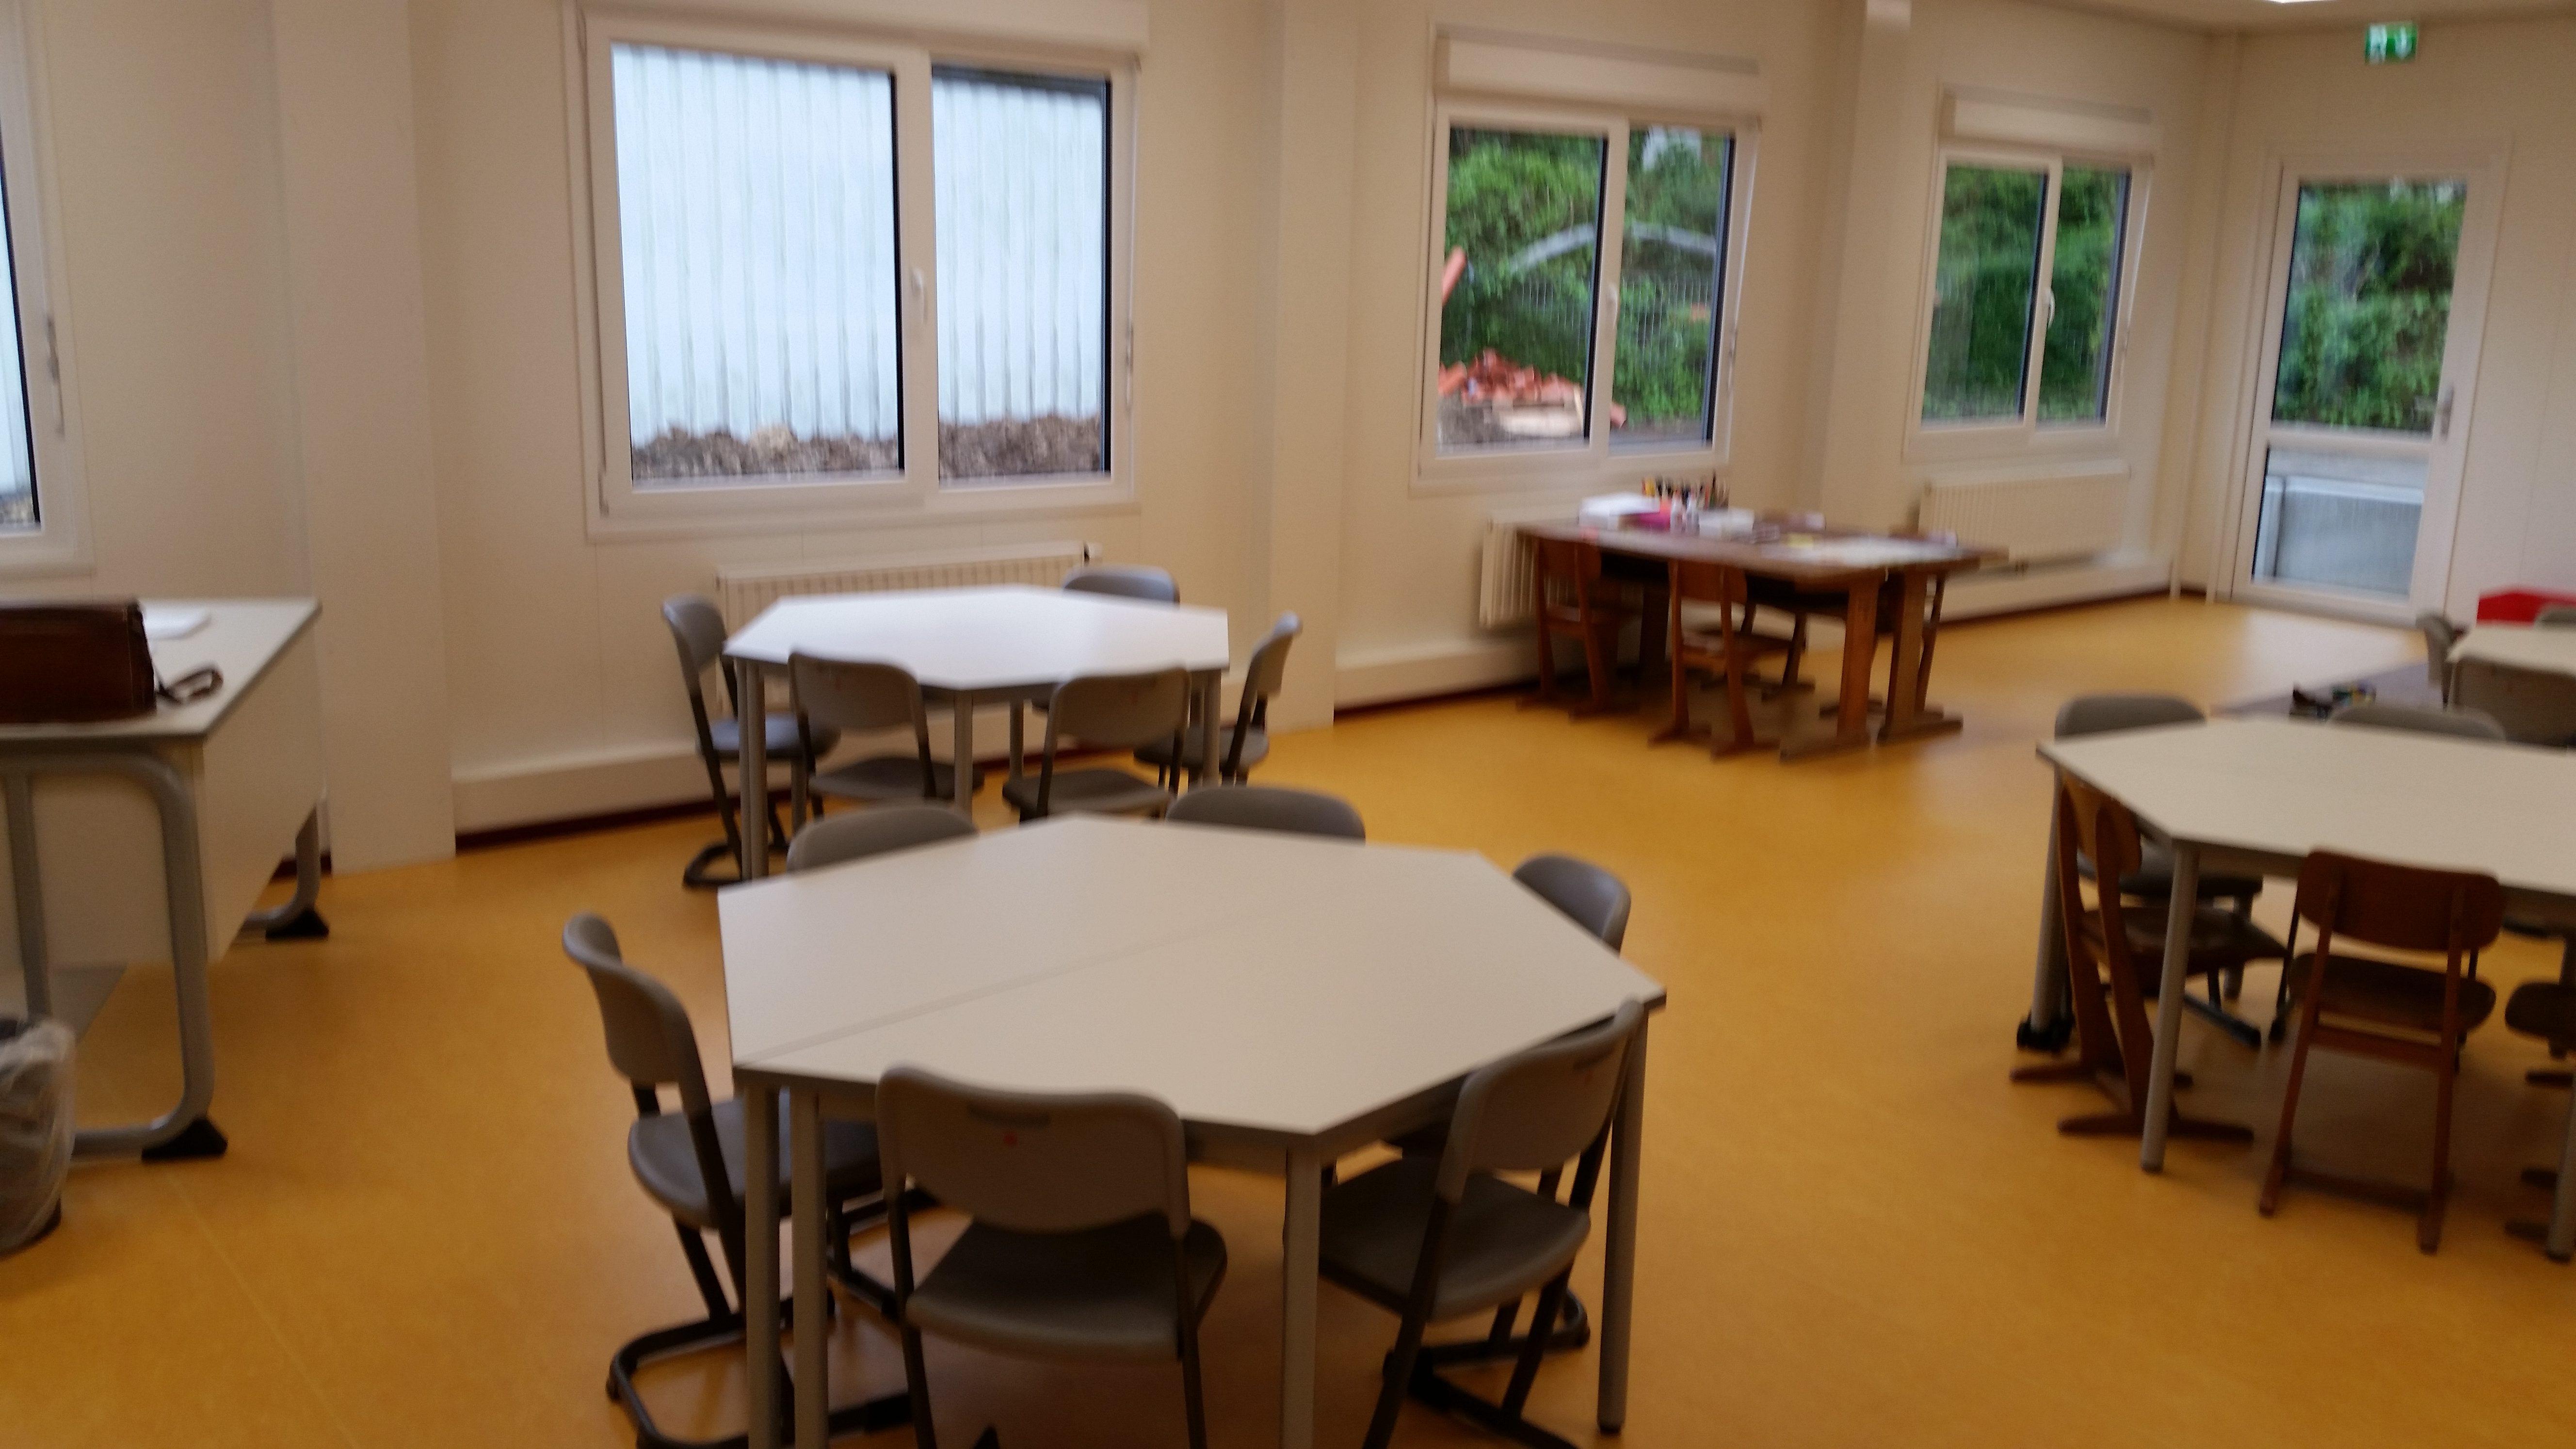 Fußboden Verlegen Rheine ~ Bau pavillon u kvg u kardinal von galen schule u rheine